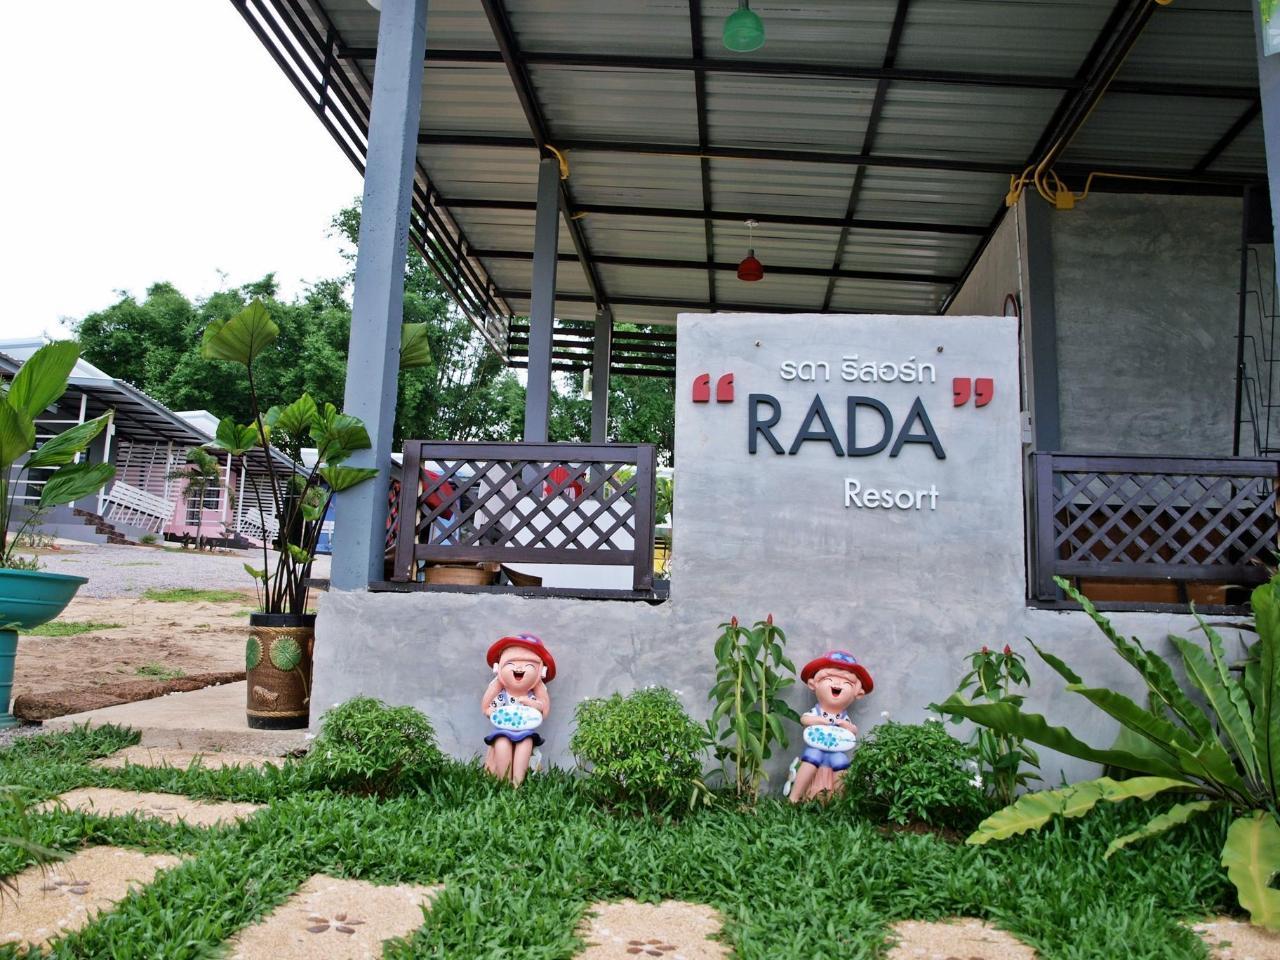 รดา รีสอร์ท (Rada Resort)